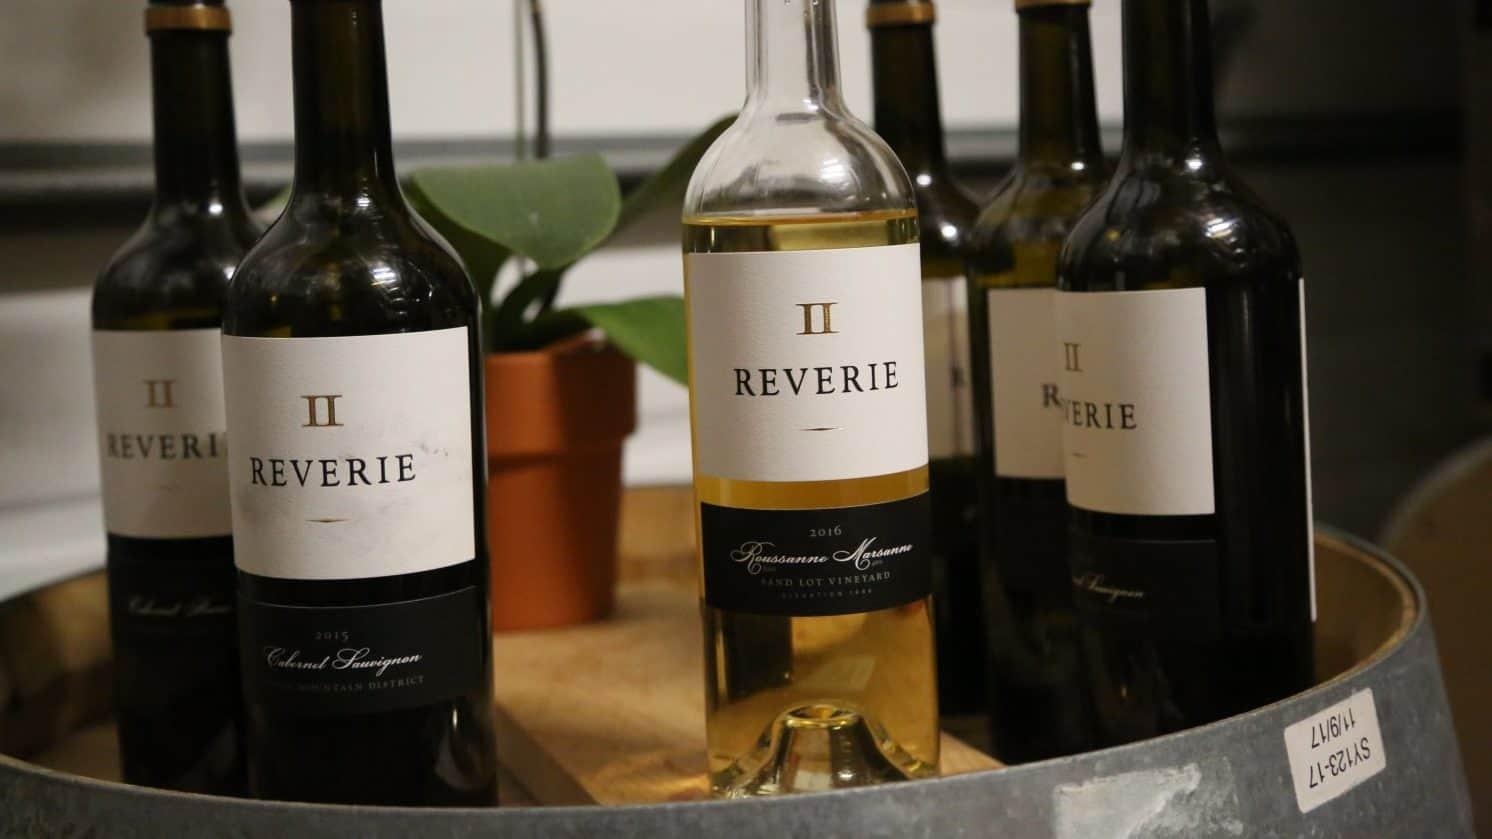 Reverie II Winery